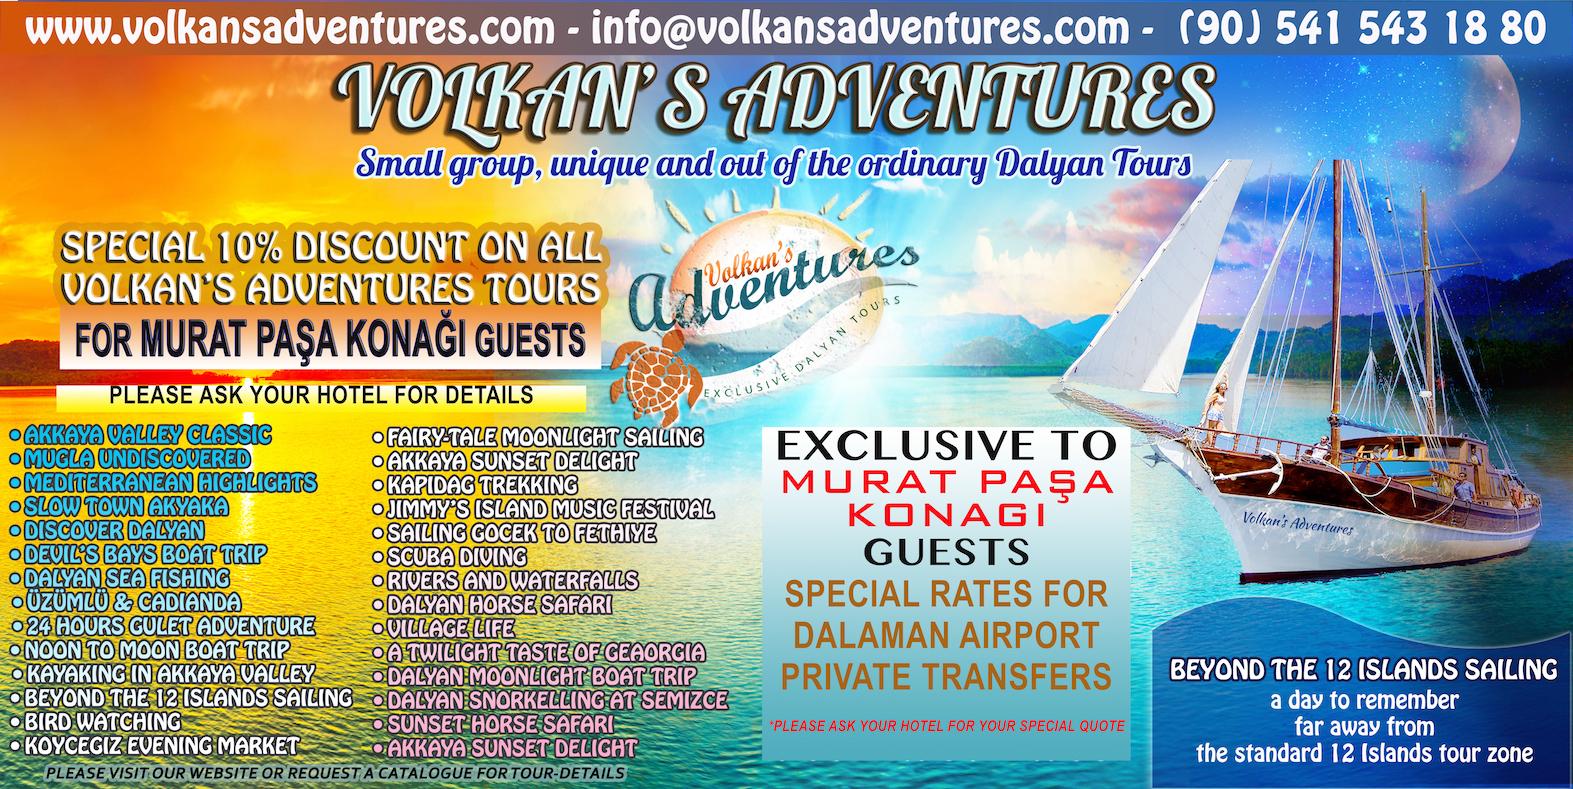 murat paşa Konağı - Volkan's Adventures - Dalyan Tekne Turları ve Dalyan Turları